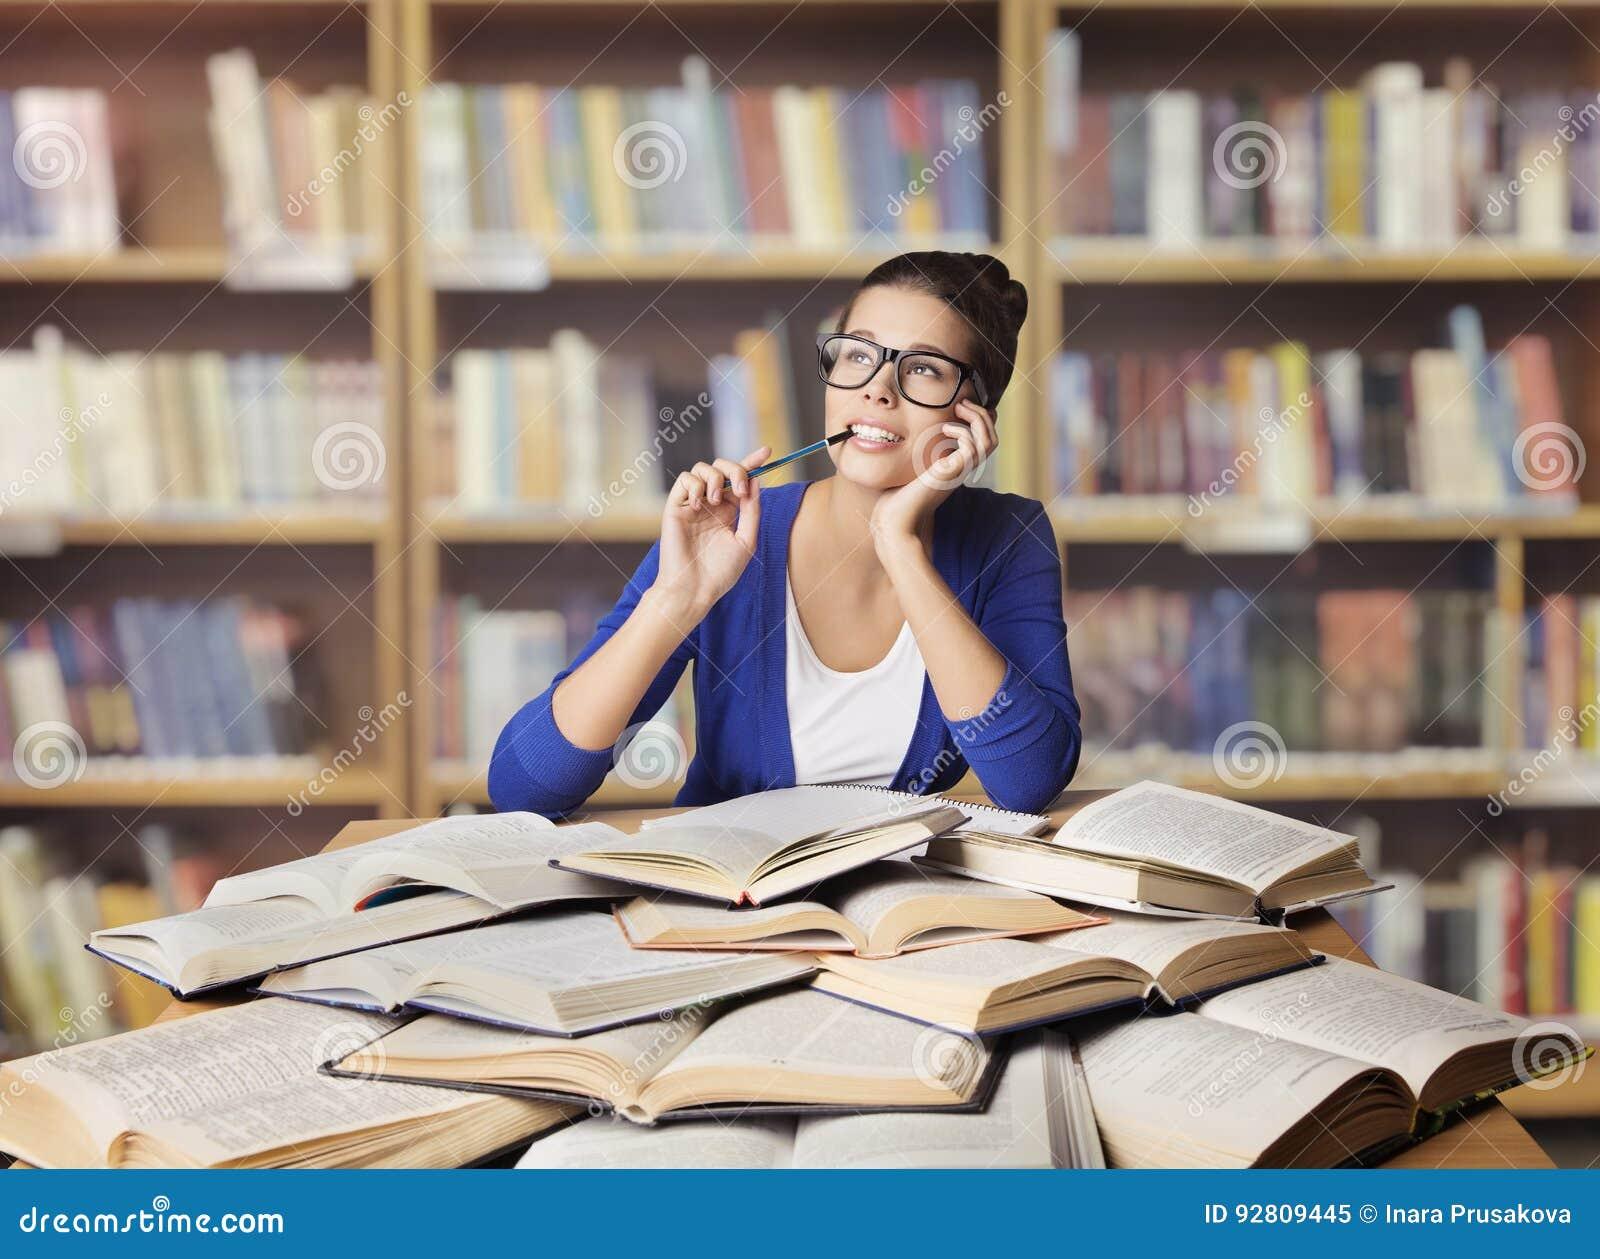 Kvinna i arkiv, student Study Opened Books som studerar flickan